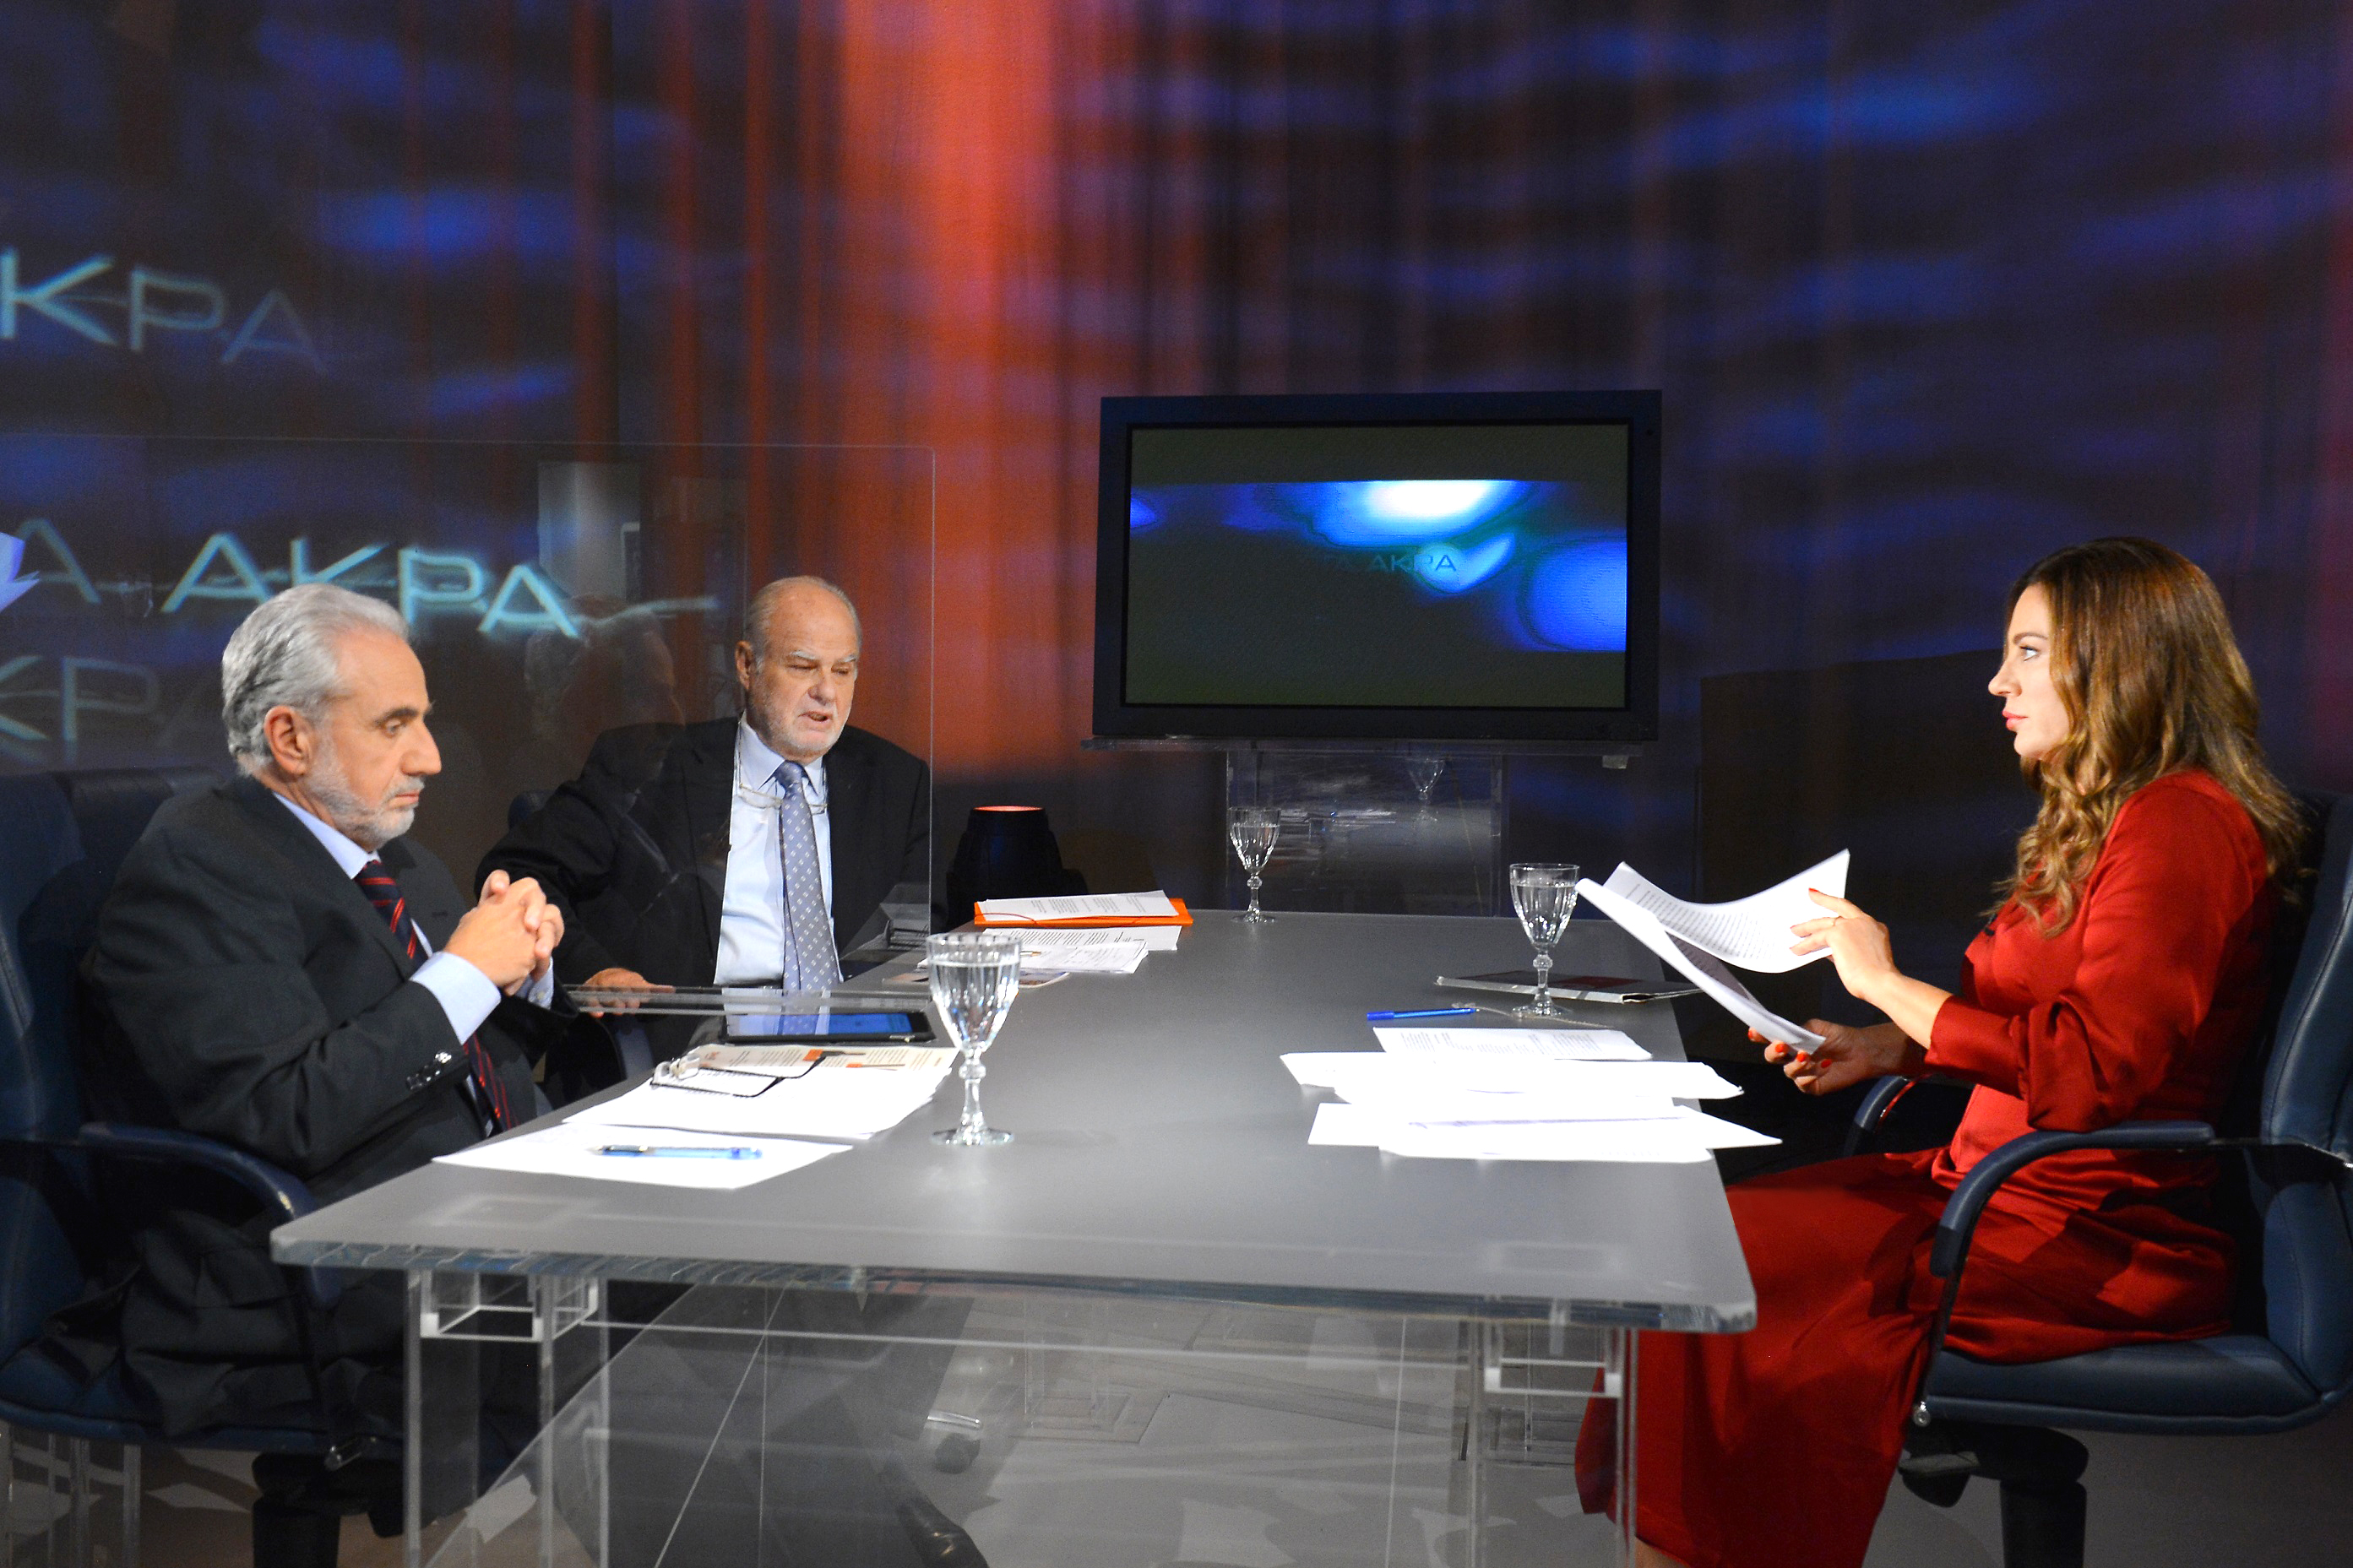 ΕΡΤ2 - Οι πρώην πρυτάνεις Χρήστος Κίττας και Σταύρος Κουμπιάς «Στα Άκρα» με  τη Βίκυ Φλέσσα 11 & 18.11.2020 - Γραφείο Τύπου ΕΡΤ